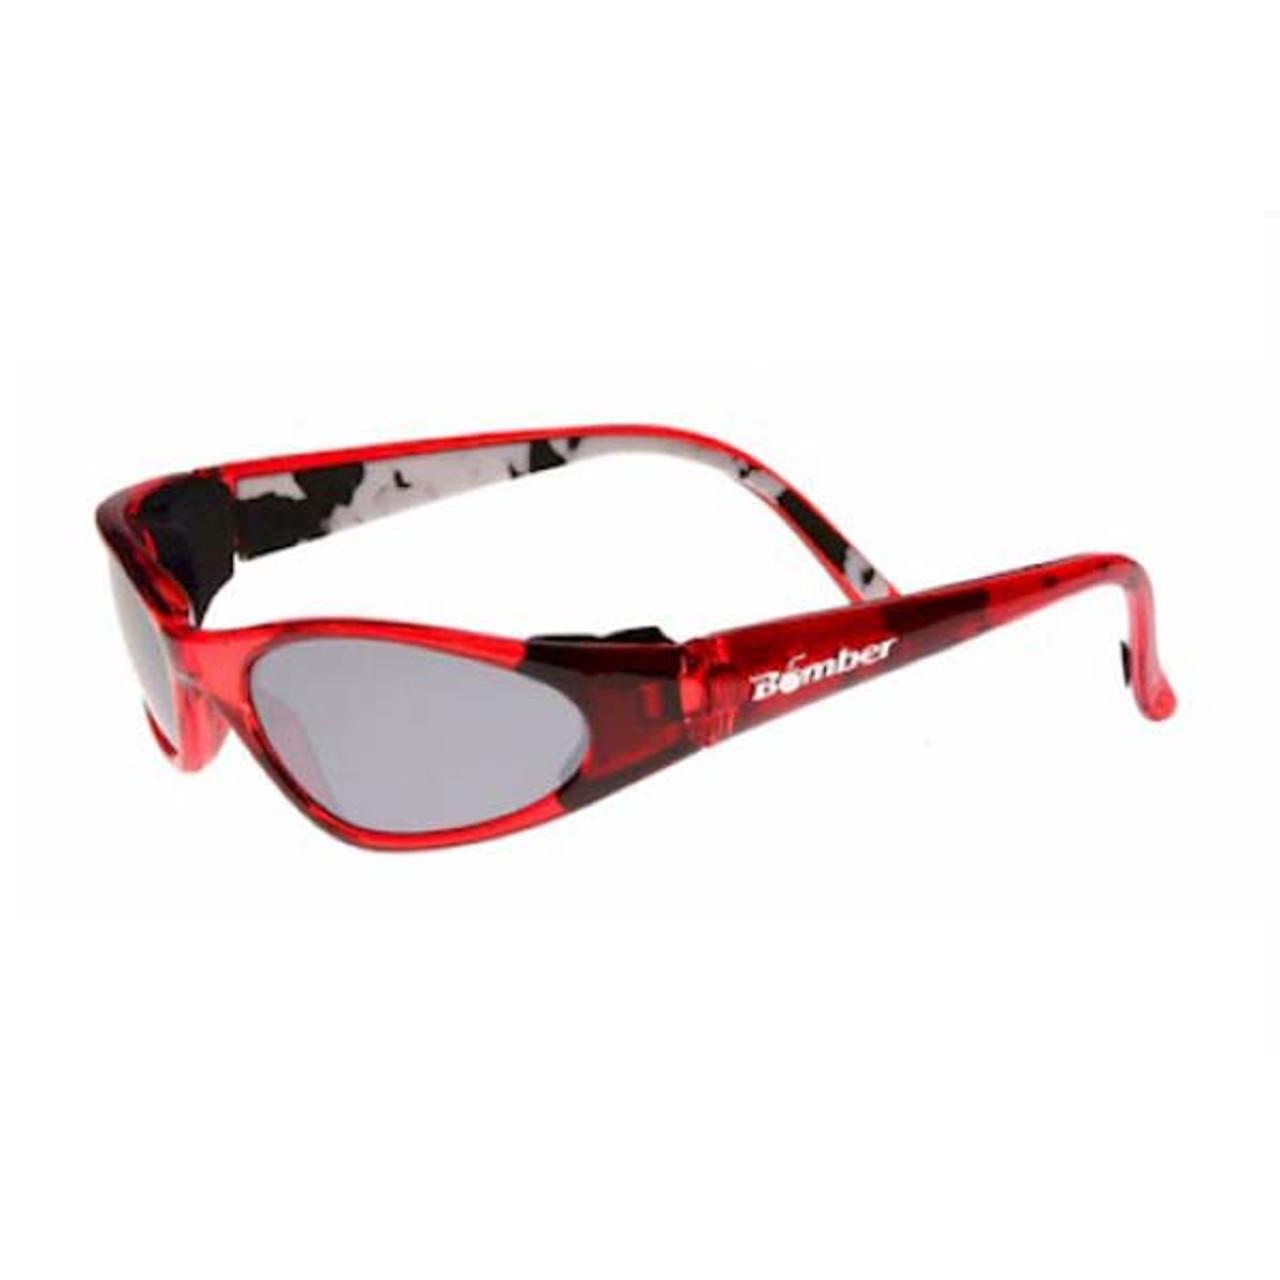 Bomber KCR5 K-Bombs Floating Kids Sunglasses Red//Mirror Lens